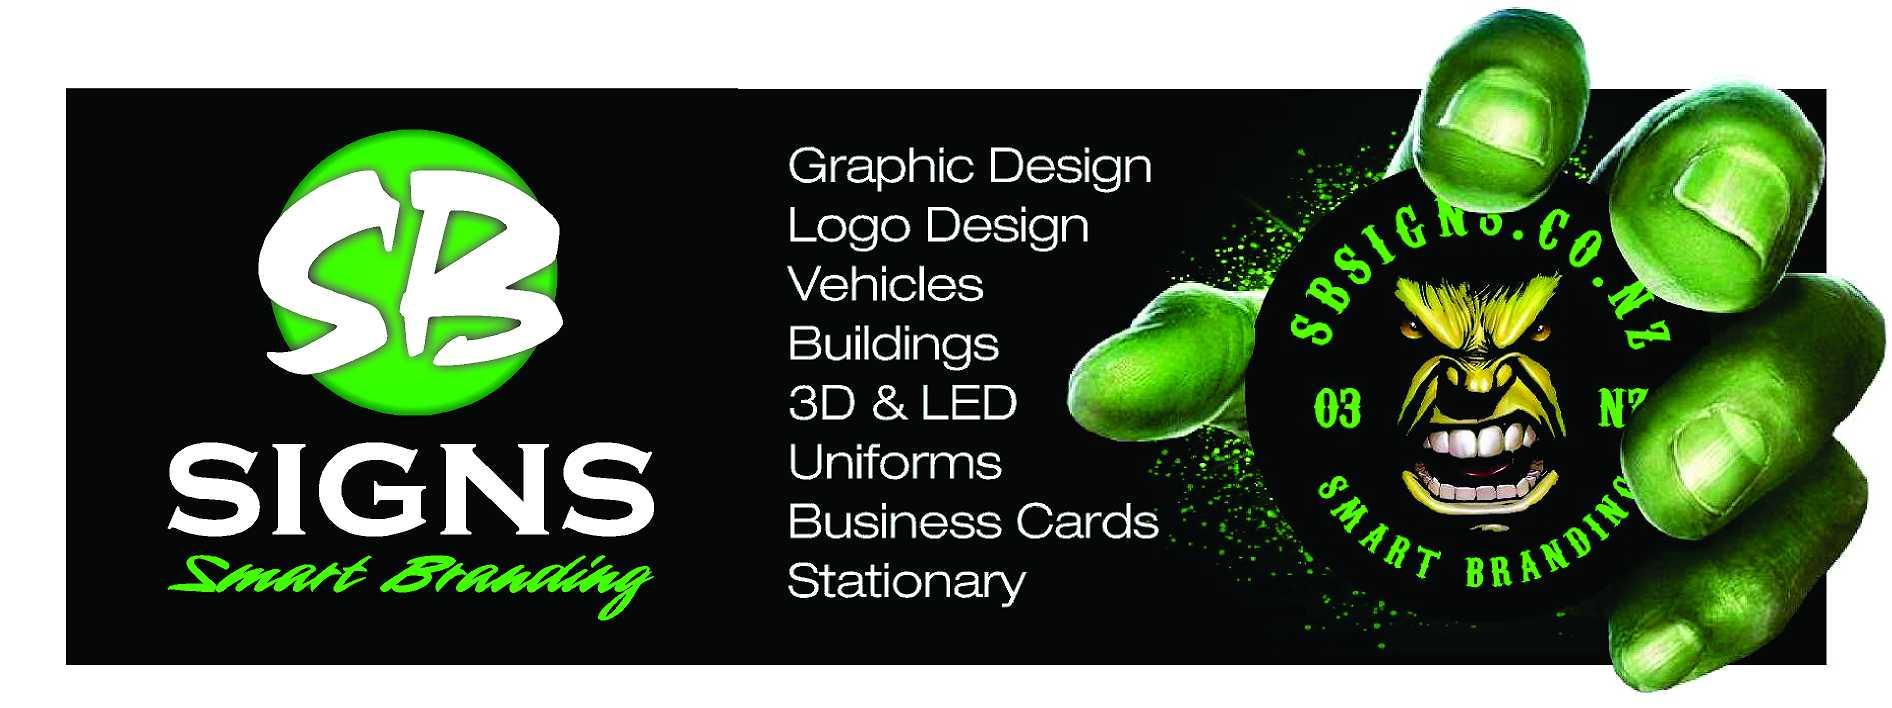 SB Logo Layout 2